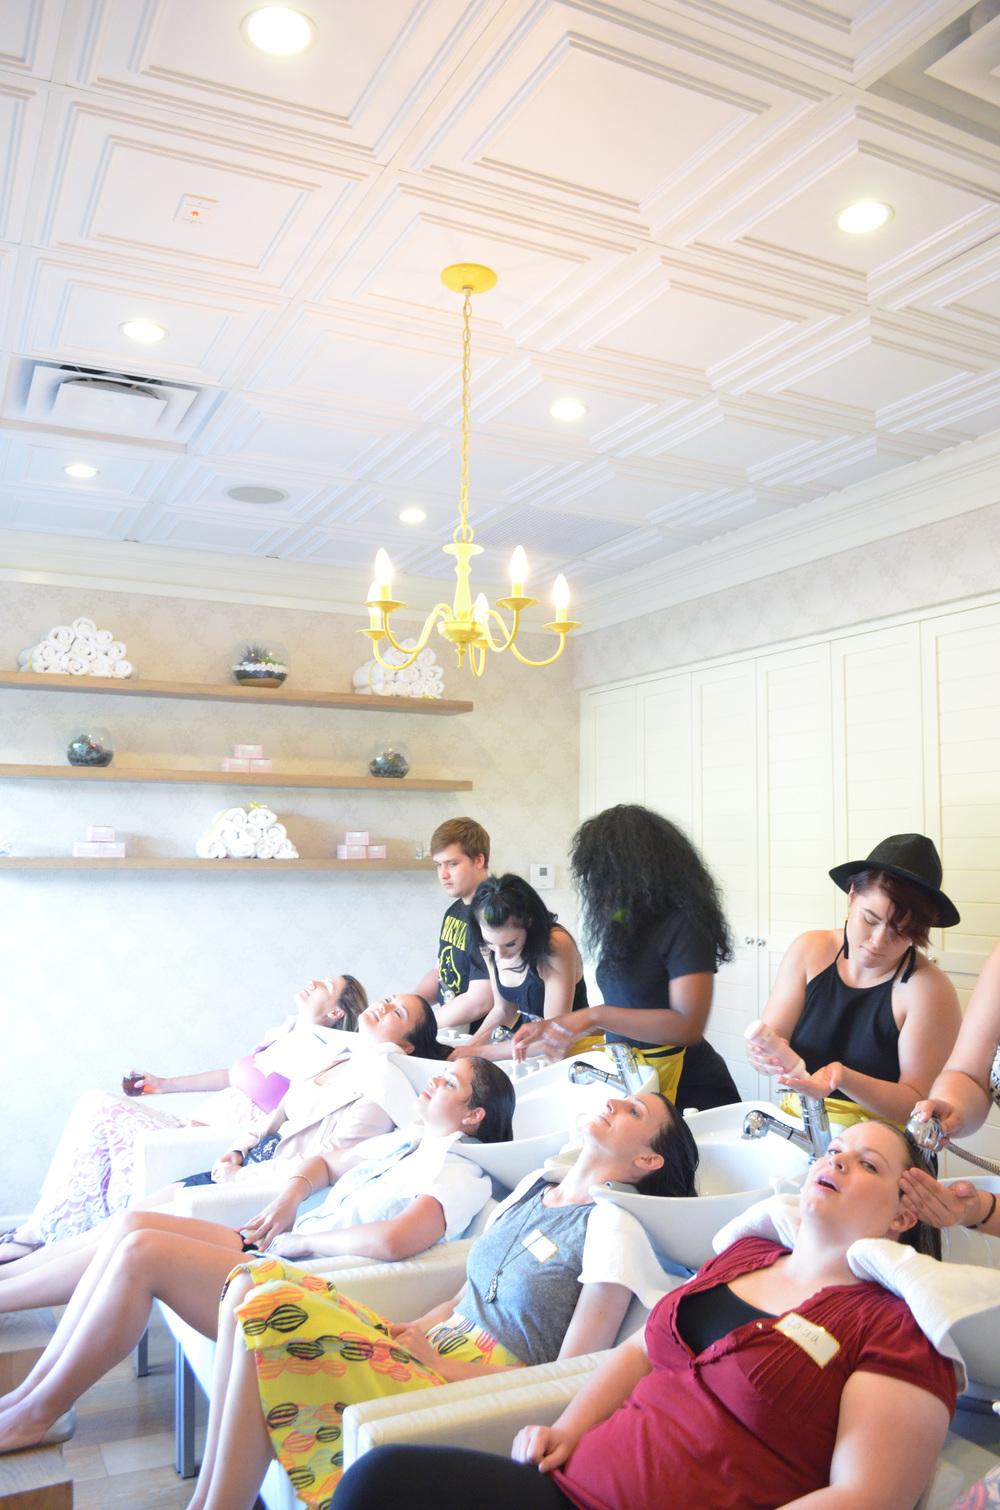 Momma Society Mingle at Drybar Phoenix | Momma Society-The Community of Modern Moms | www.MommaSociety.com